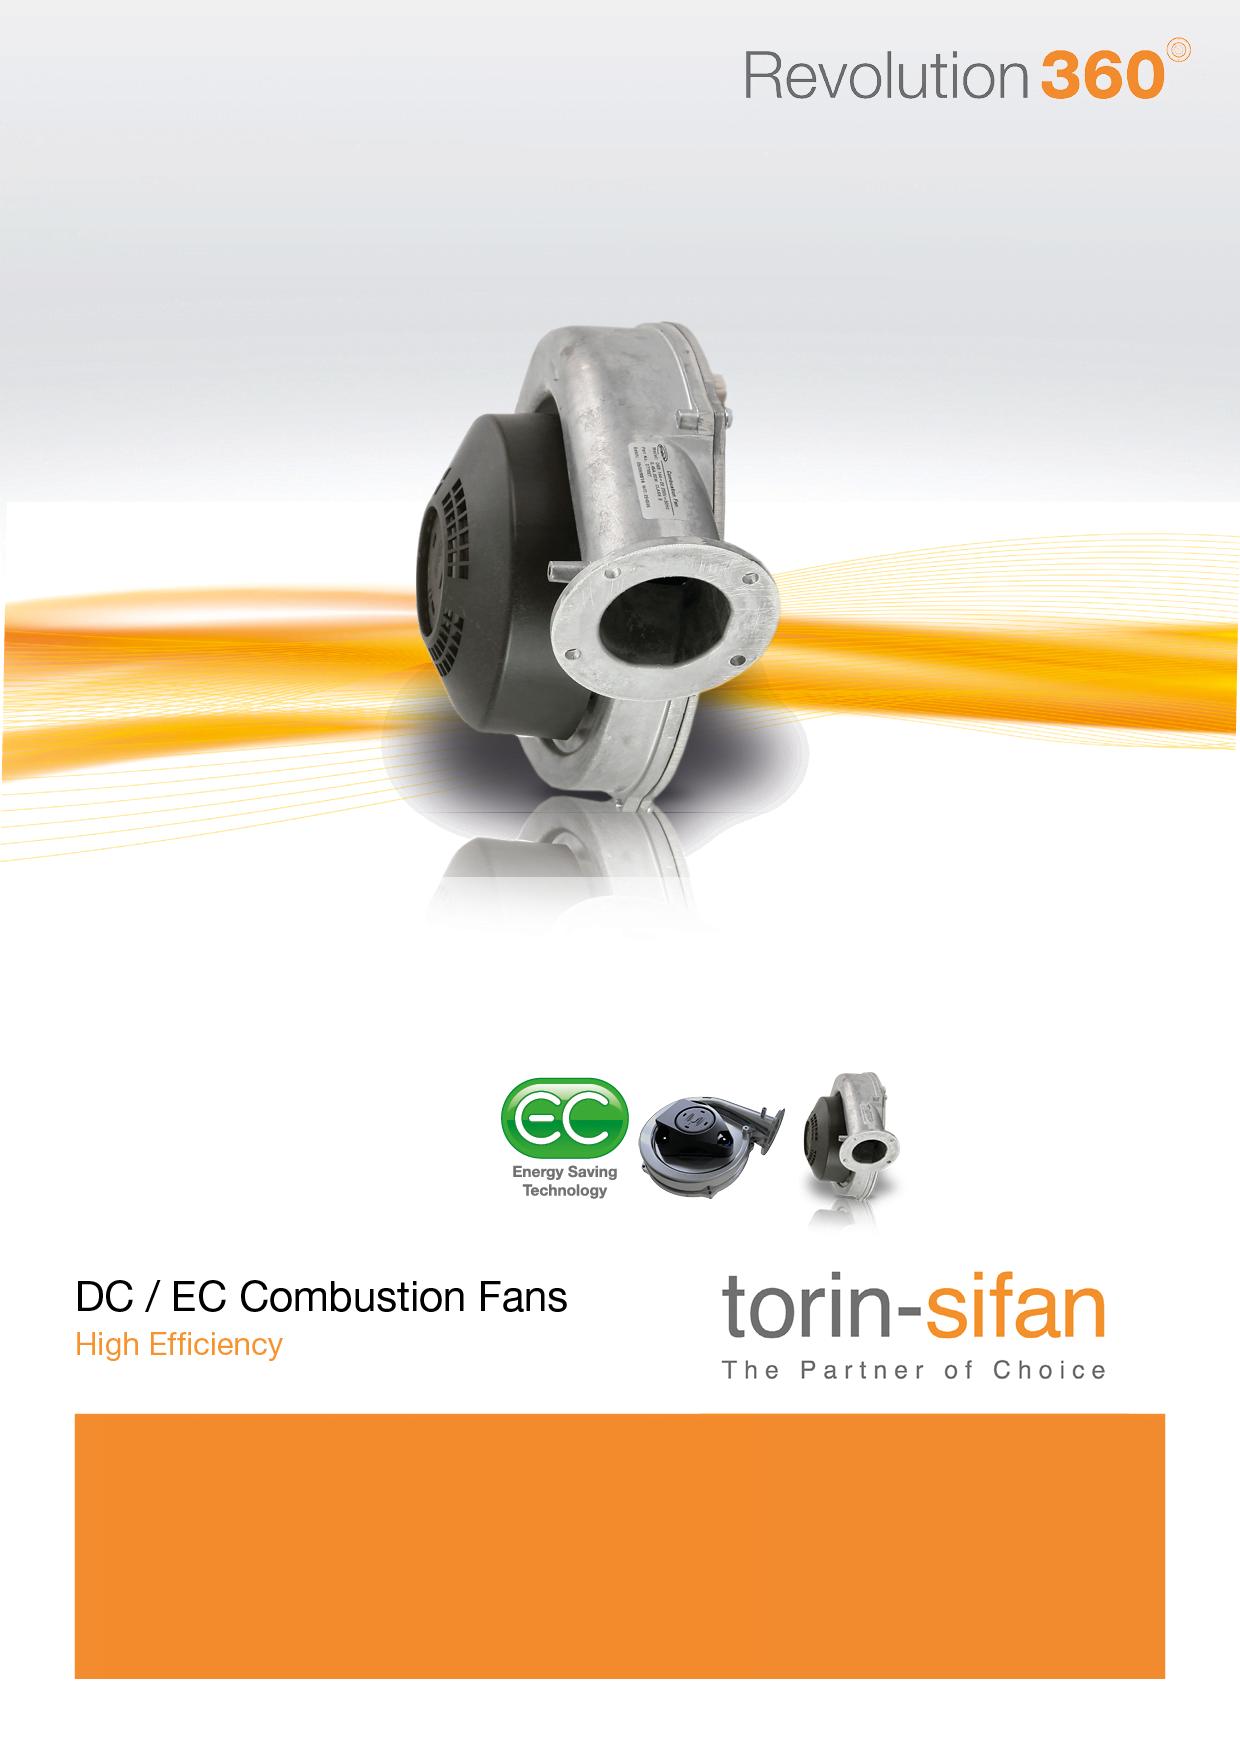 EC / DC Combustion Fans